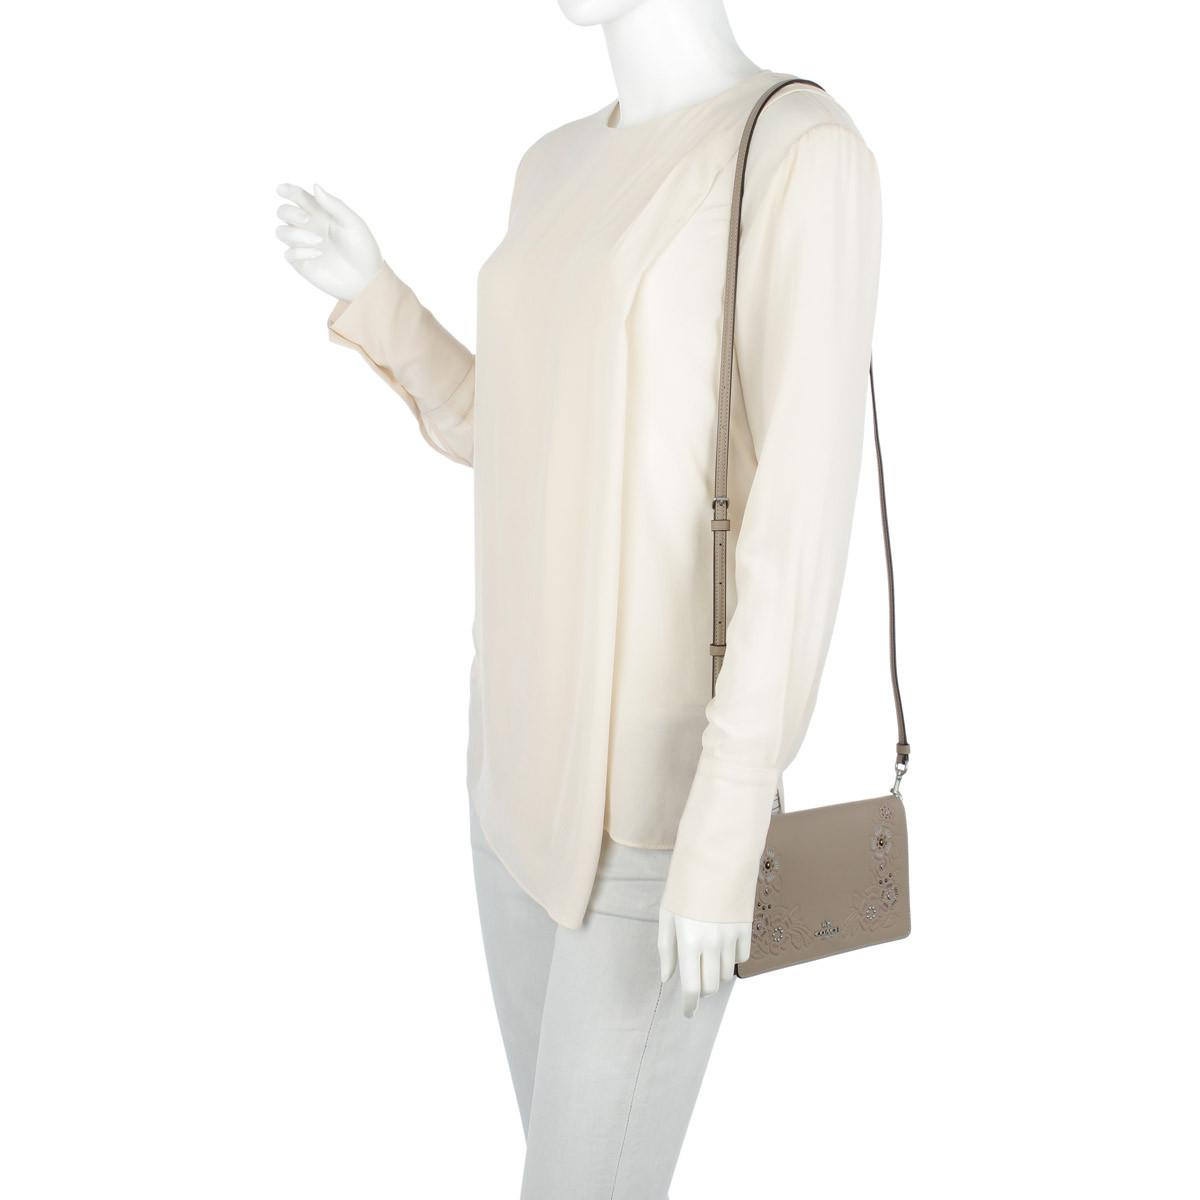 COACH Leather Tea Rose Tooling Foldover Crossbody Bag Stone Multi